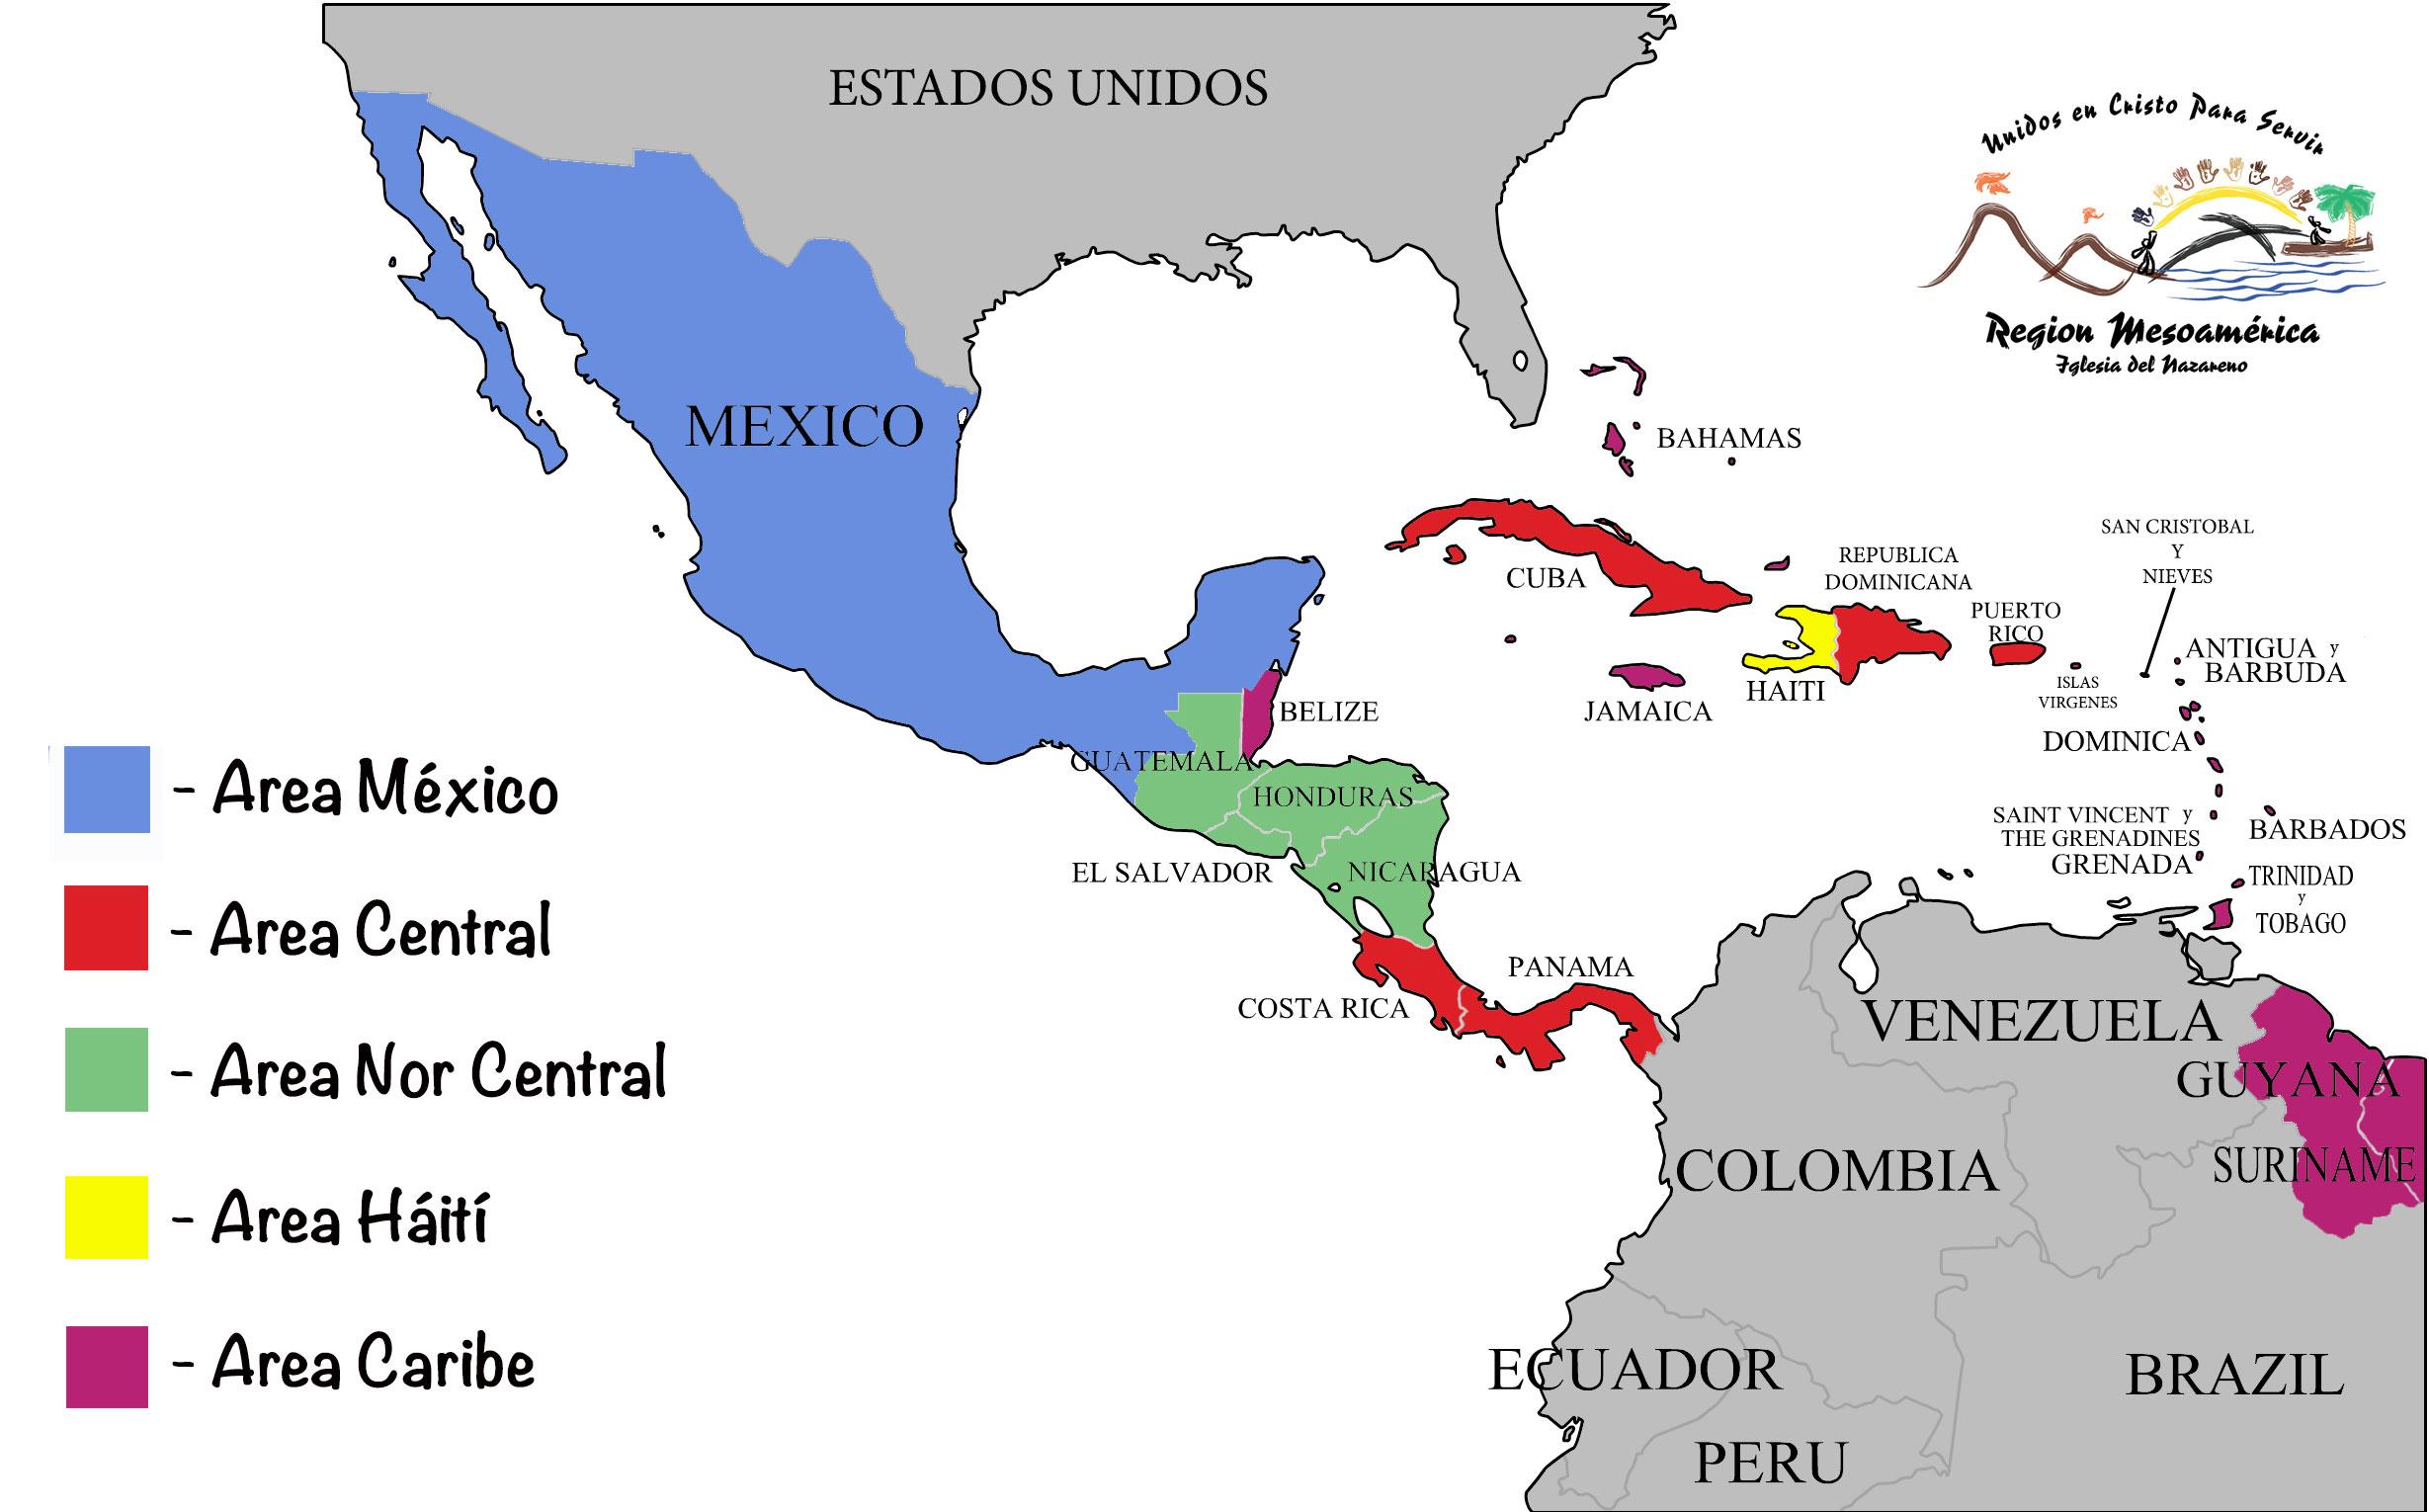 Cambios Importantes En La Region Mesoamerica Mesoamerica